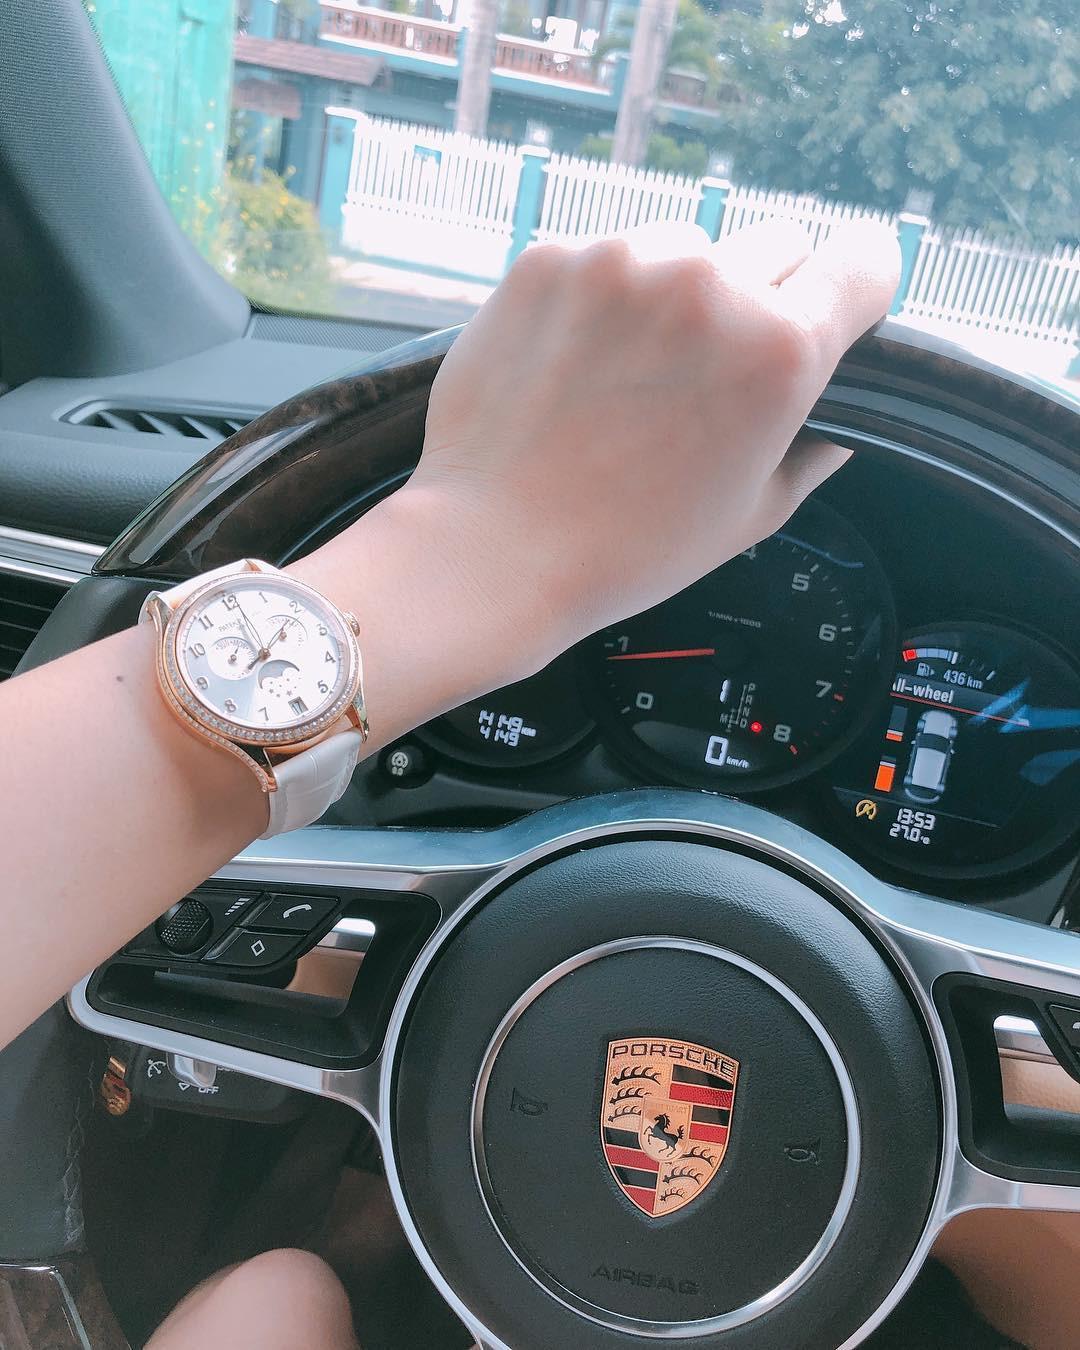 Bức ảnh đắt nhất ngày: Đeo đồng hồ hơn 1 tỷ đồng, Lê Hà tiện khoe luôn xế hộp hạng sang - Ảnh 1.